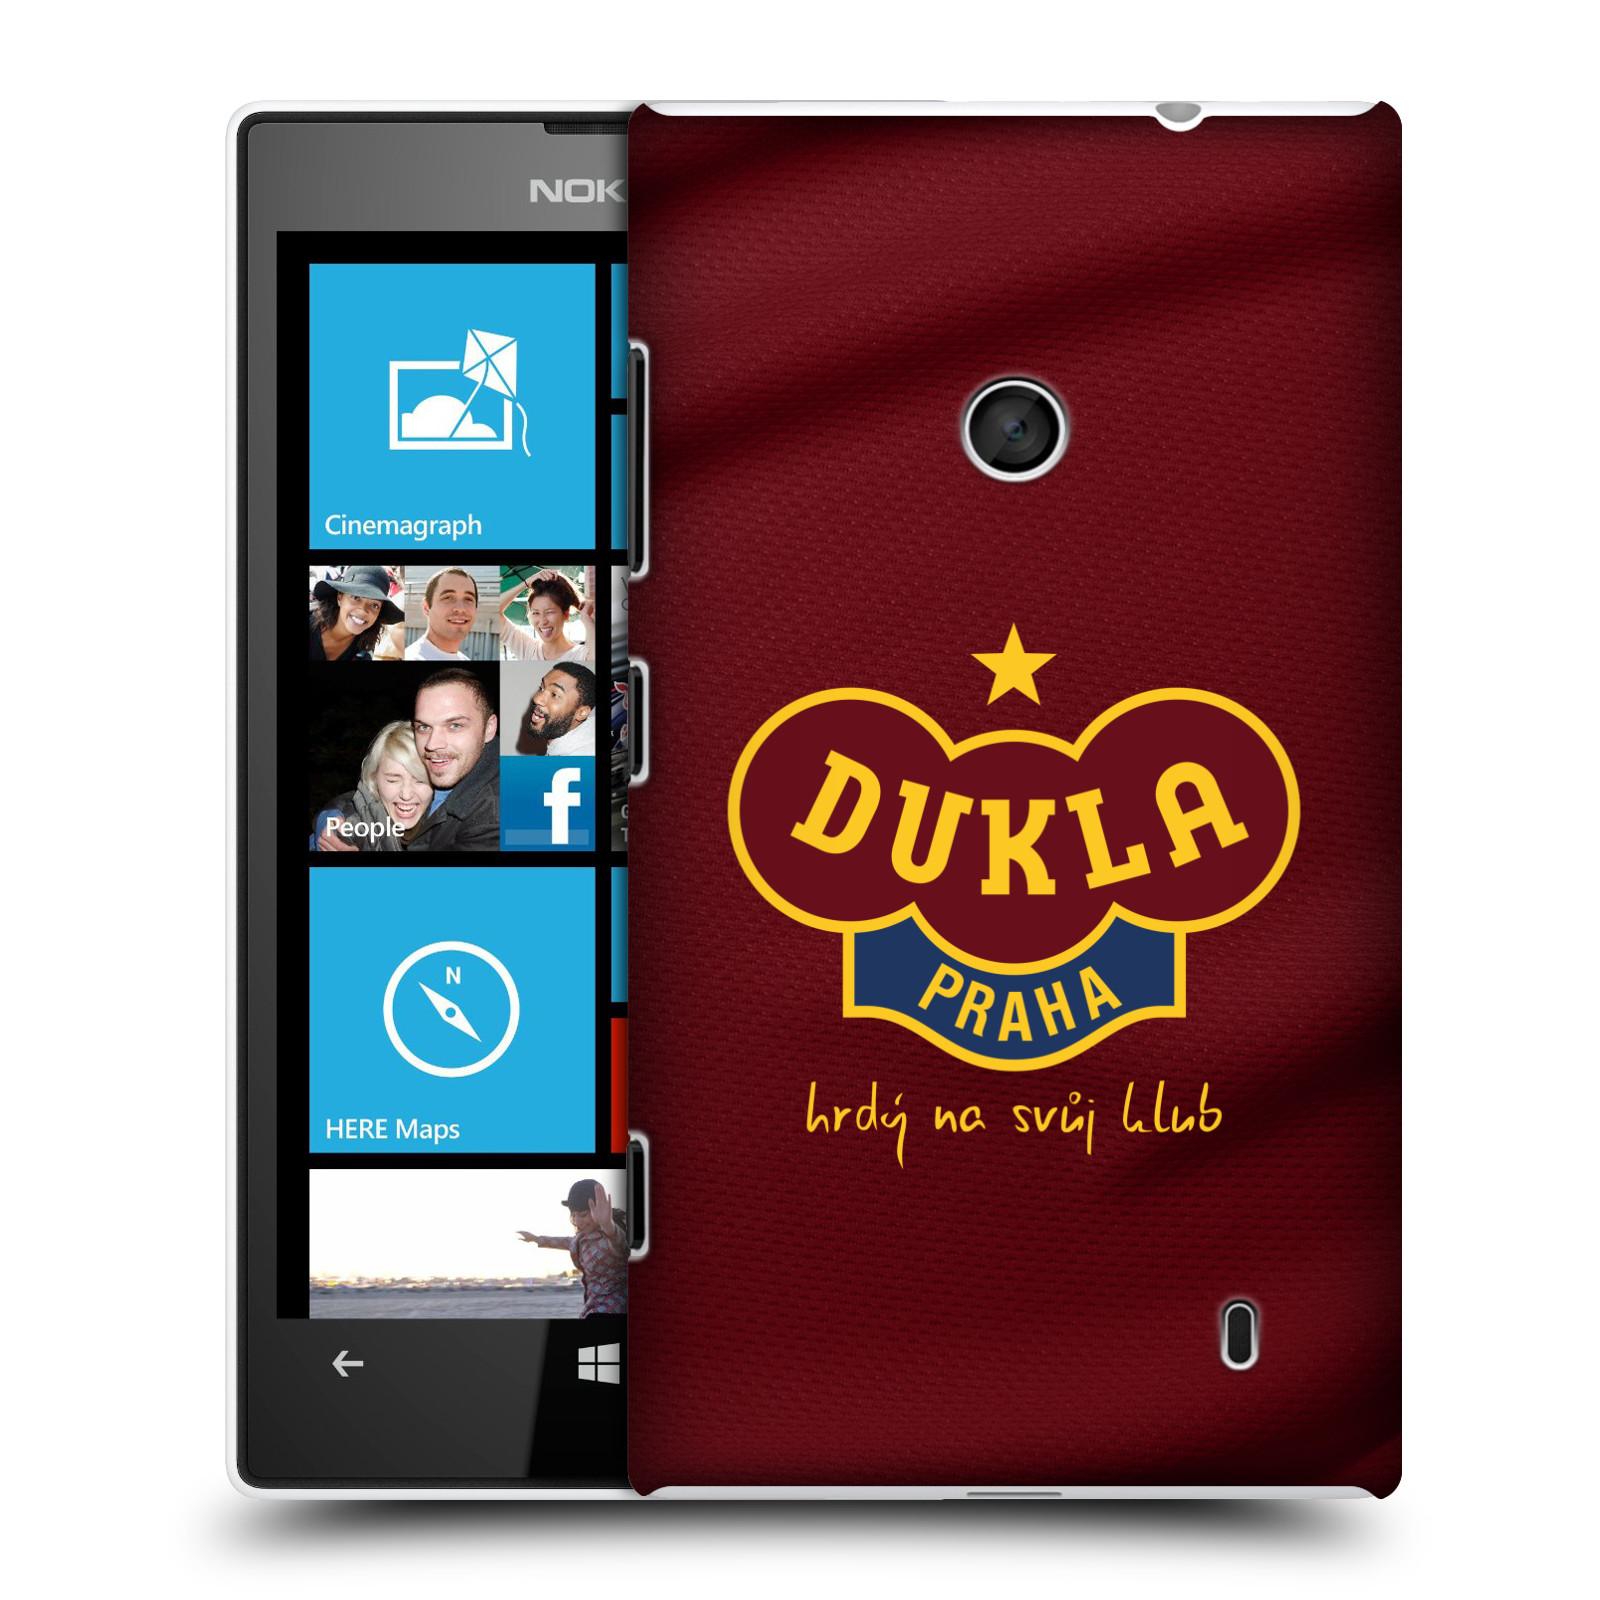 Plastové pouzdro na mobil Nokia Lumia 520 - FK Dukla Praha - Vínově červený dres